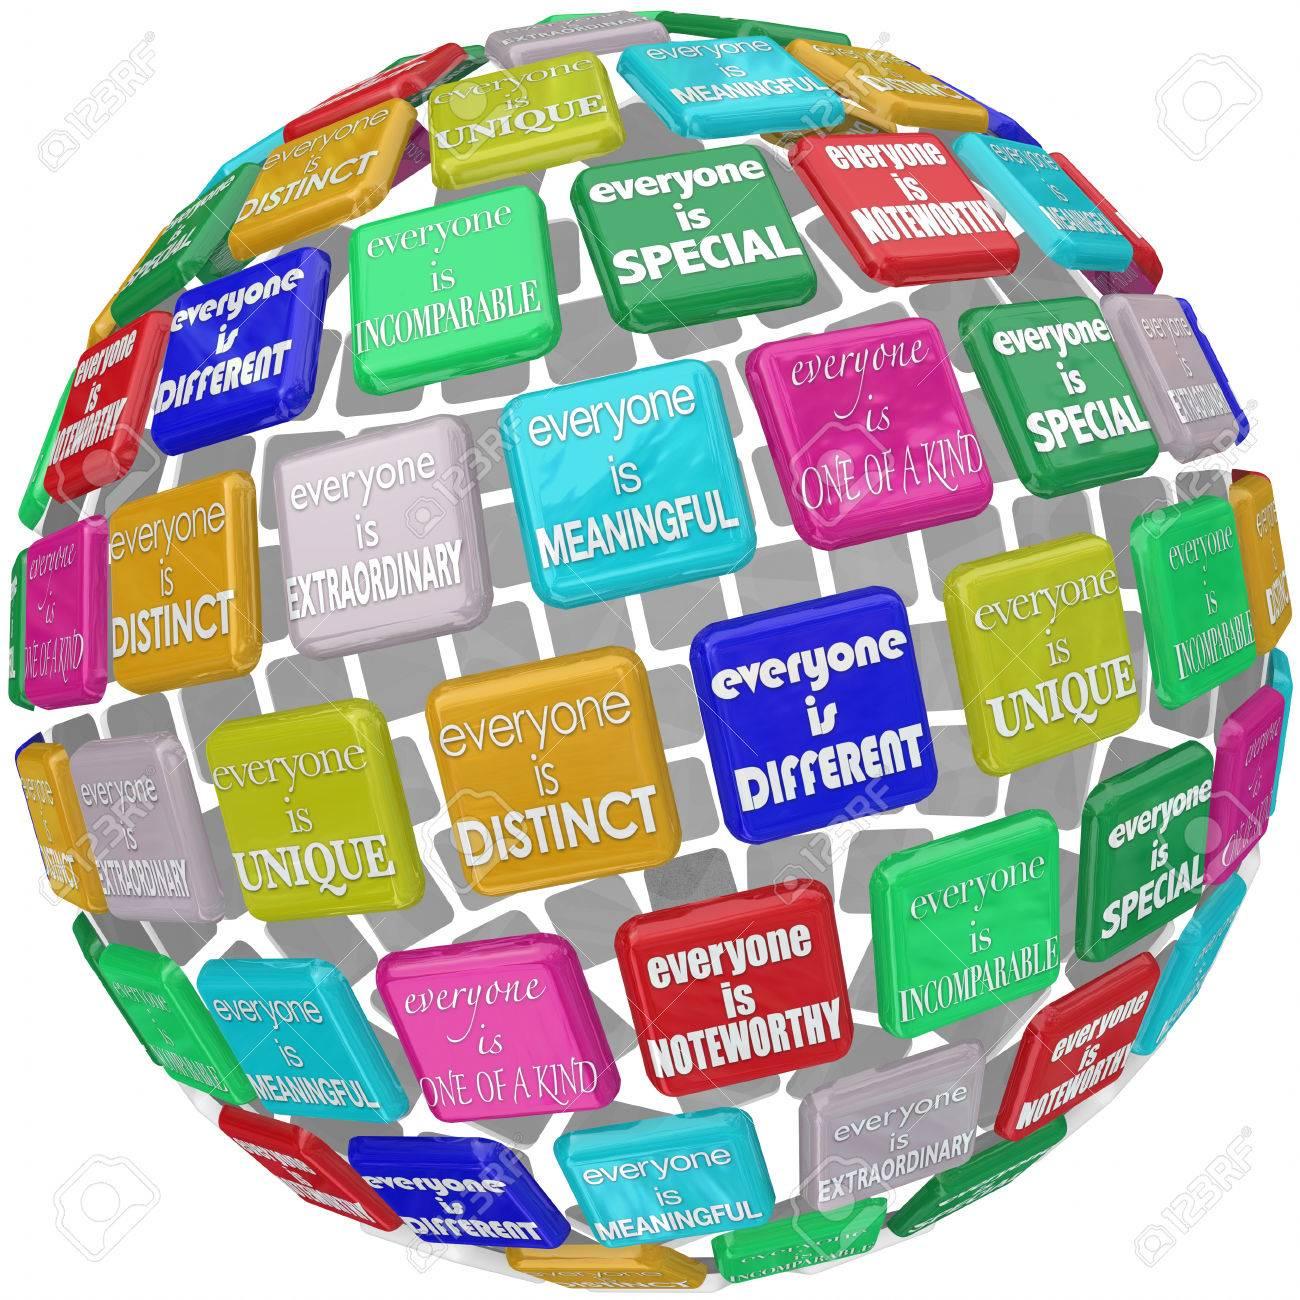 Iedereen Is Uniek Buitengewoon Verschillend Speciaal Incomprable Anders En één Van Een Vriendelijke Woorden Over Titels In Een 3d Wereld Of Sfeer